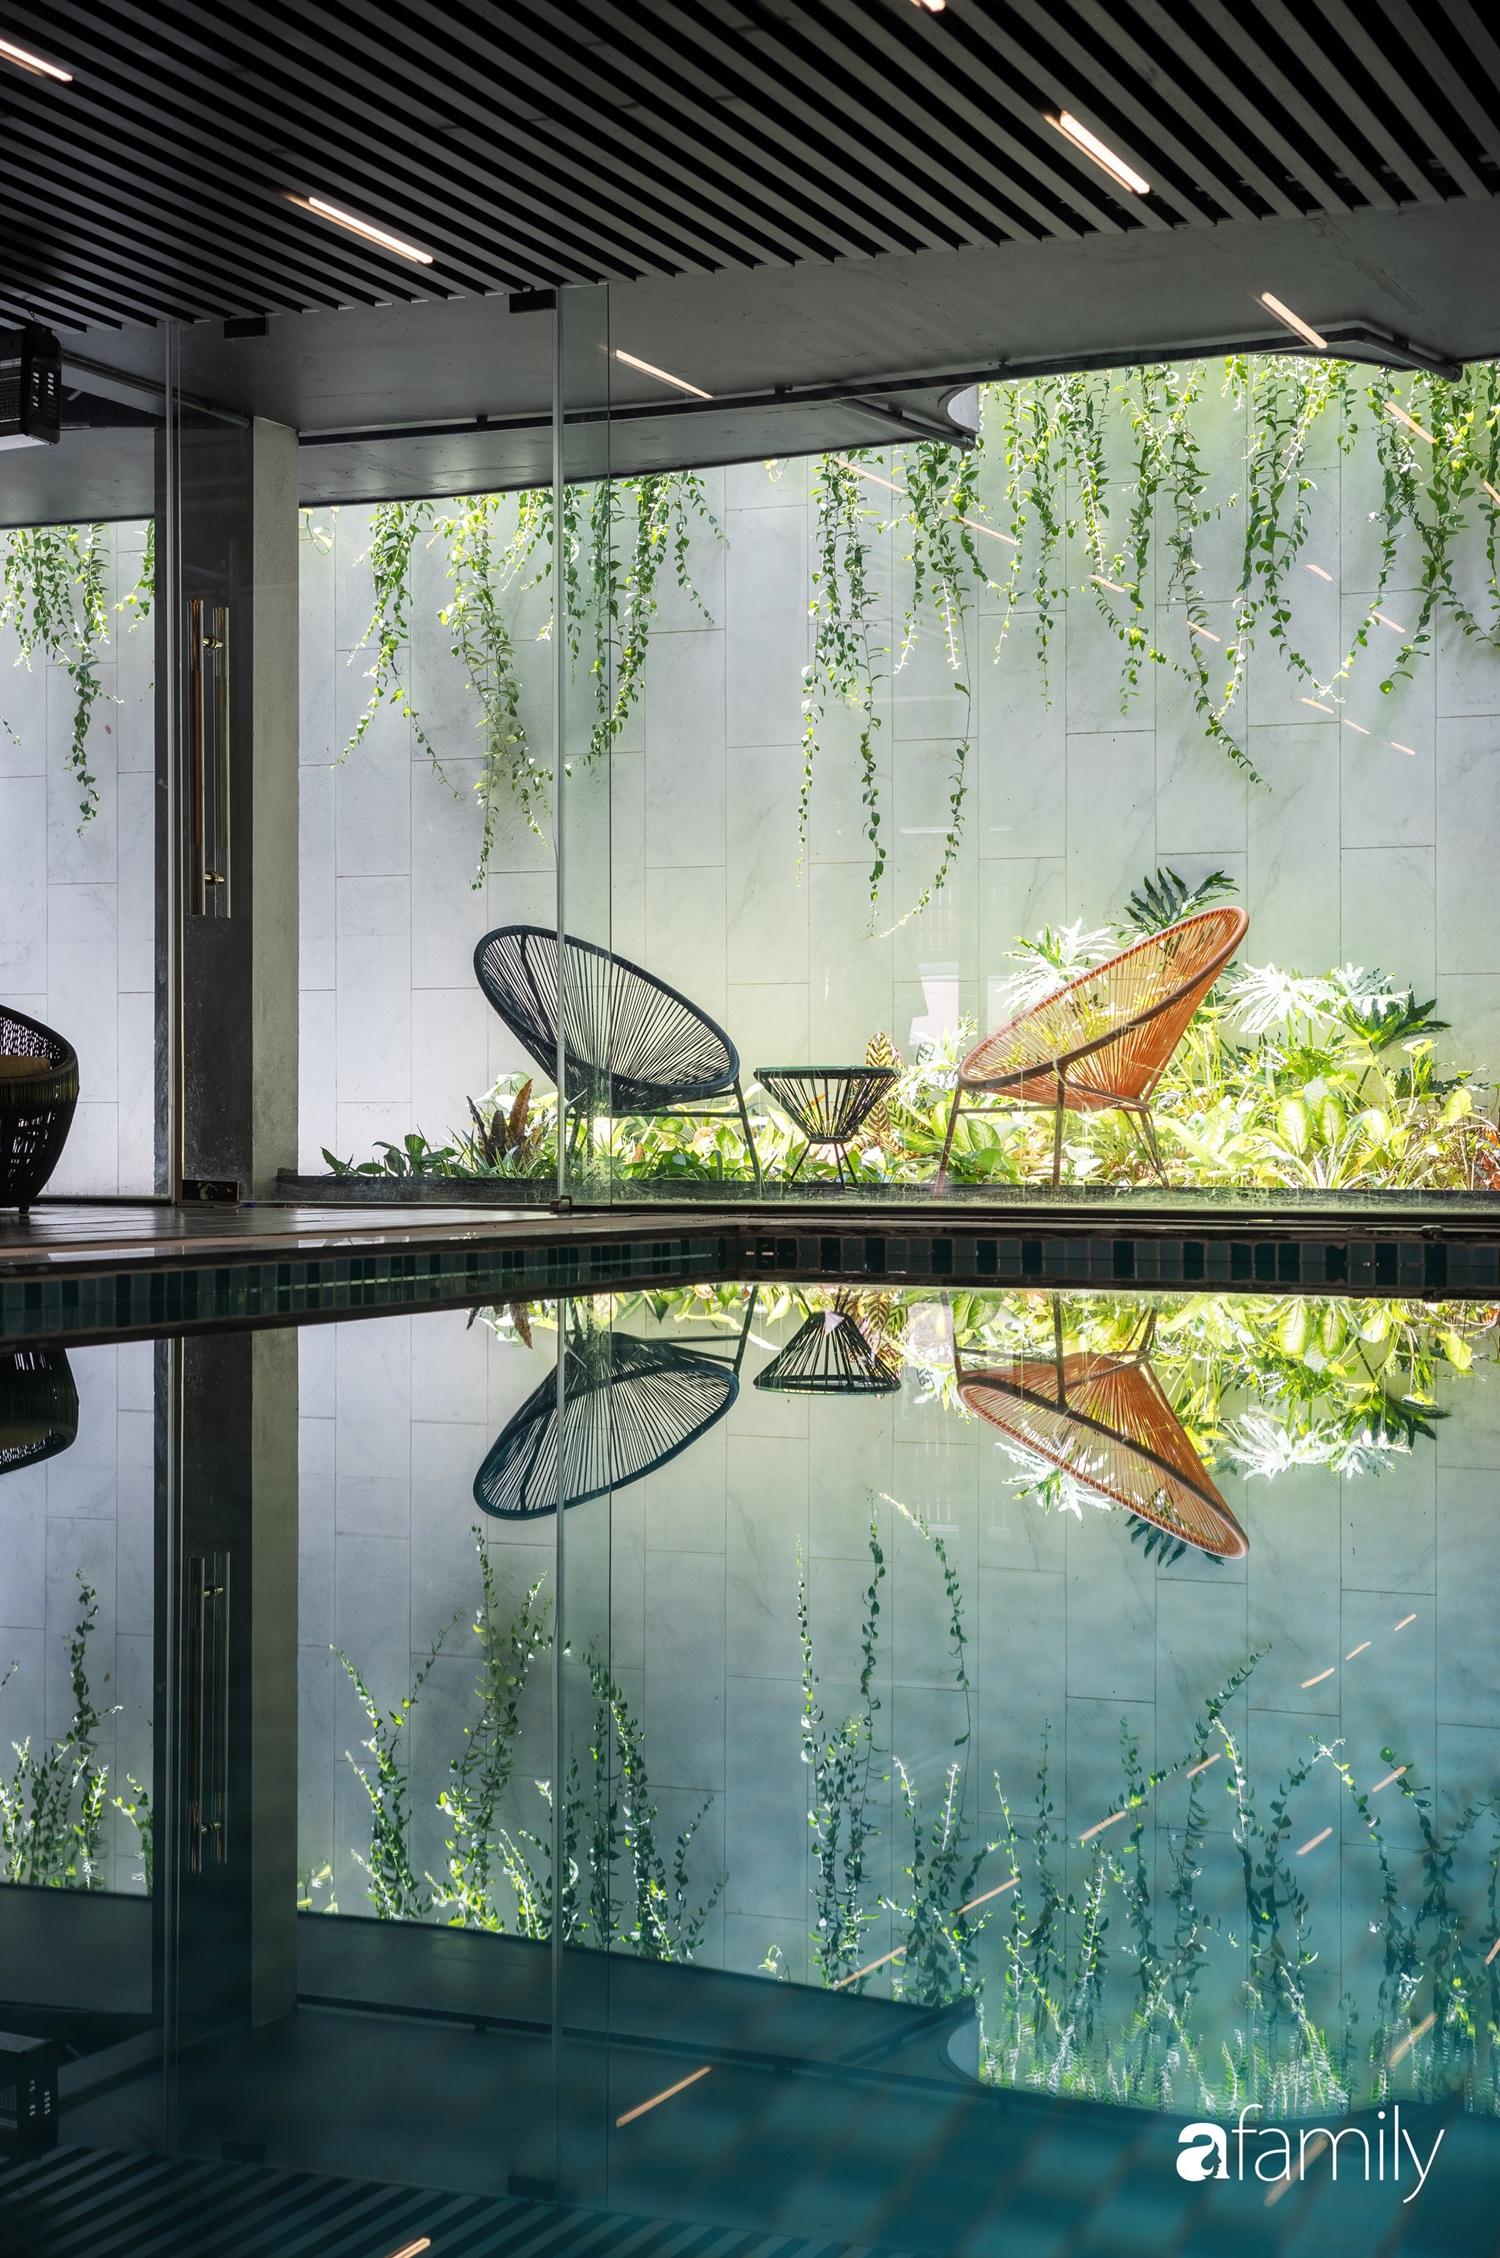 Biệt thự vườn phóng khoáng, hiện đại ở ngoại thành Hà Nội - Ảnh 7.